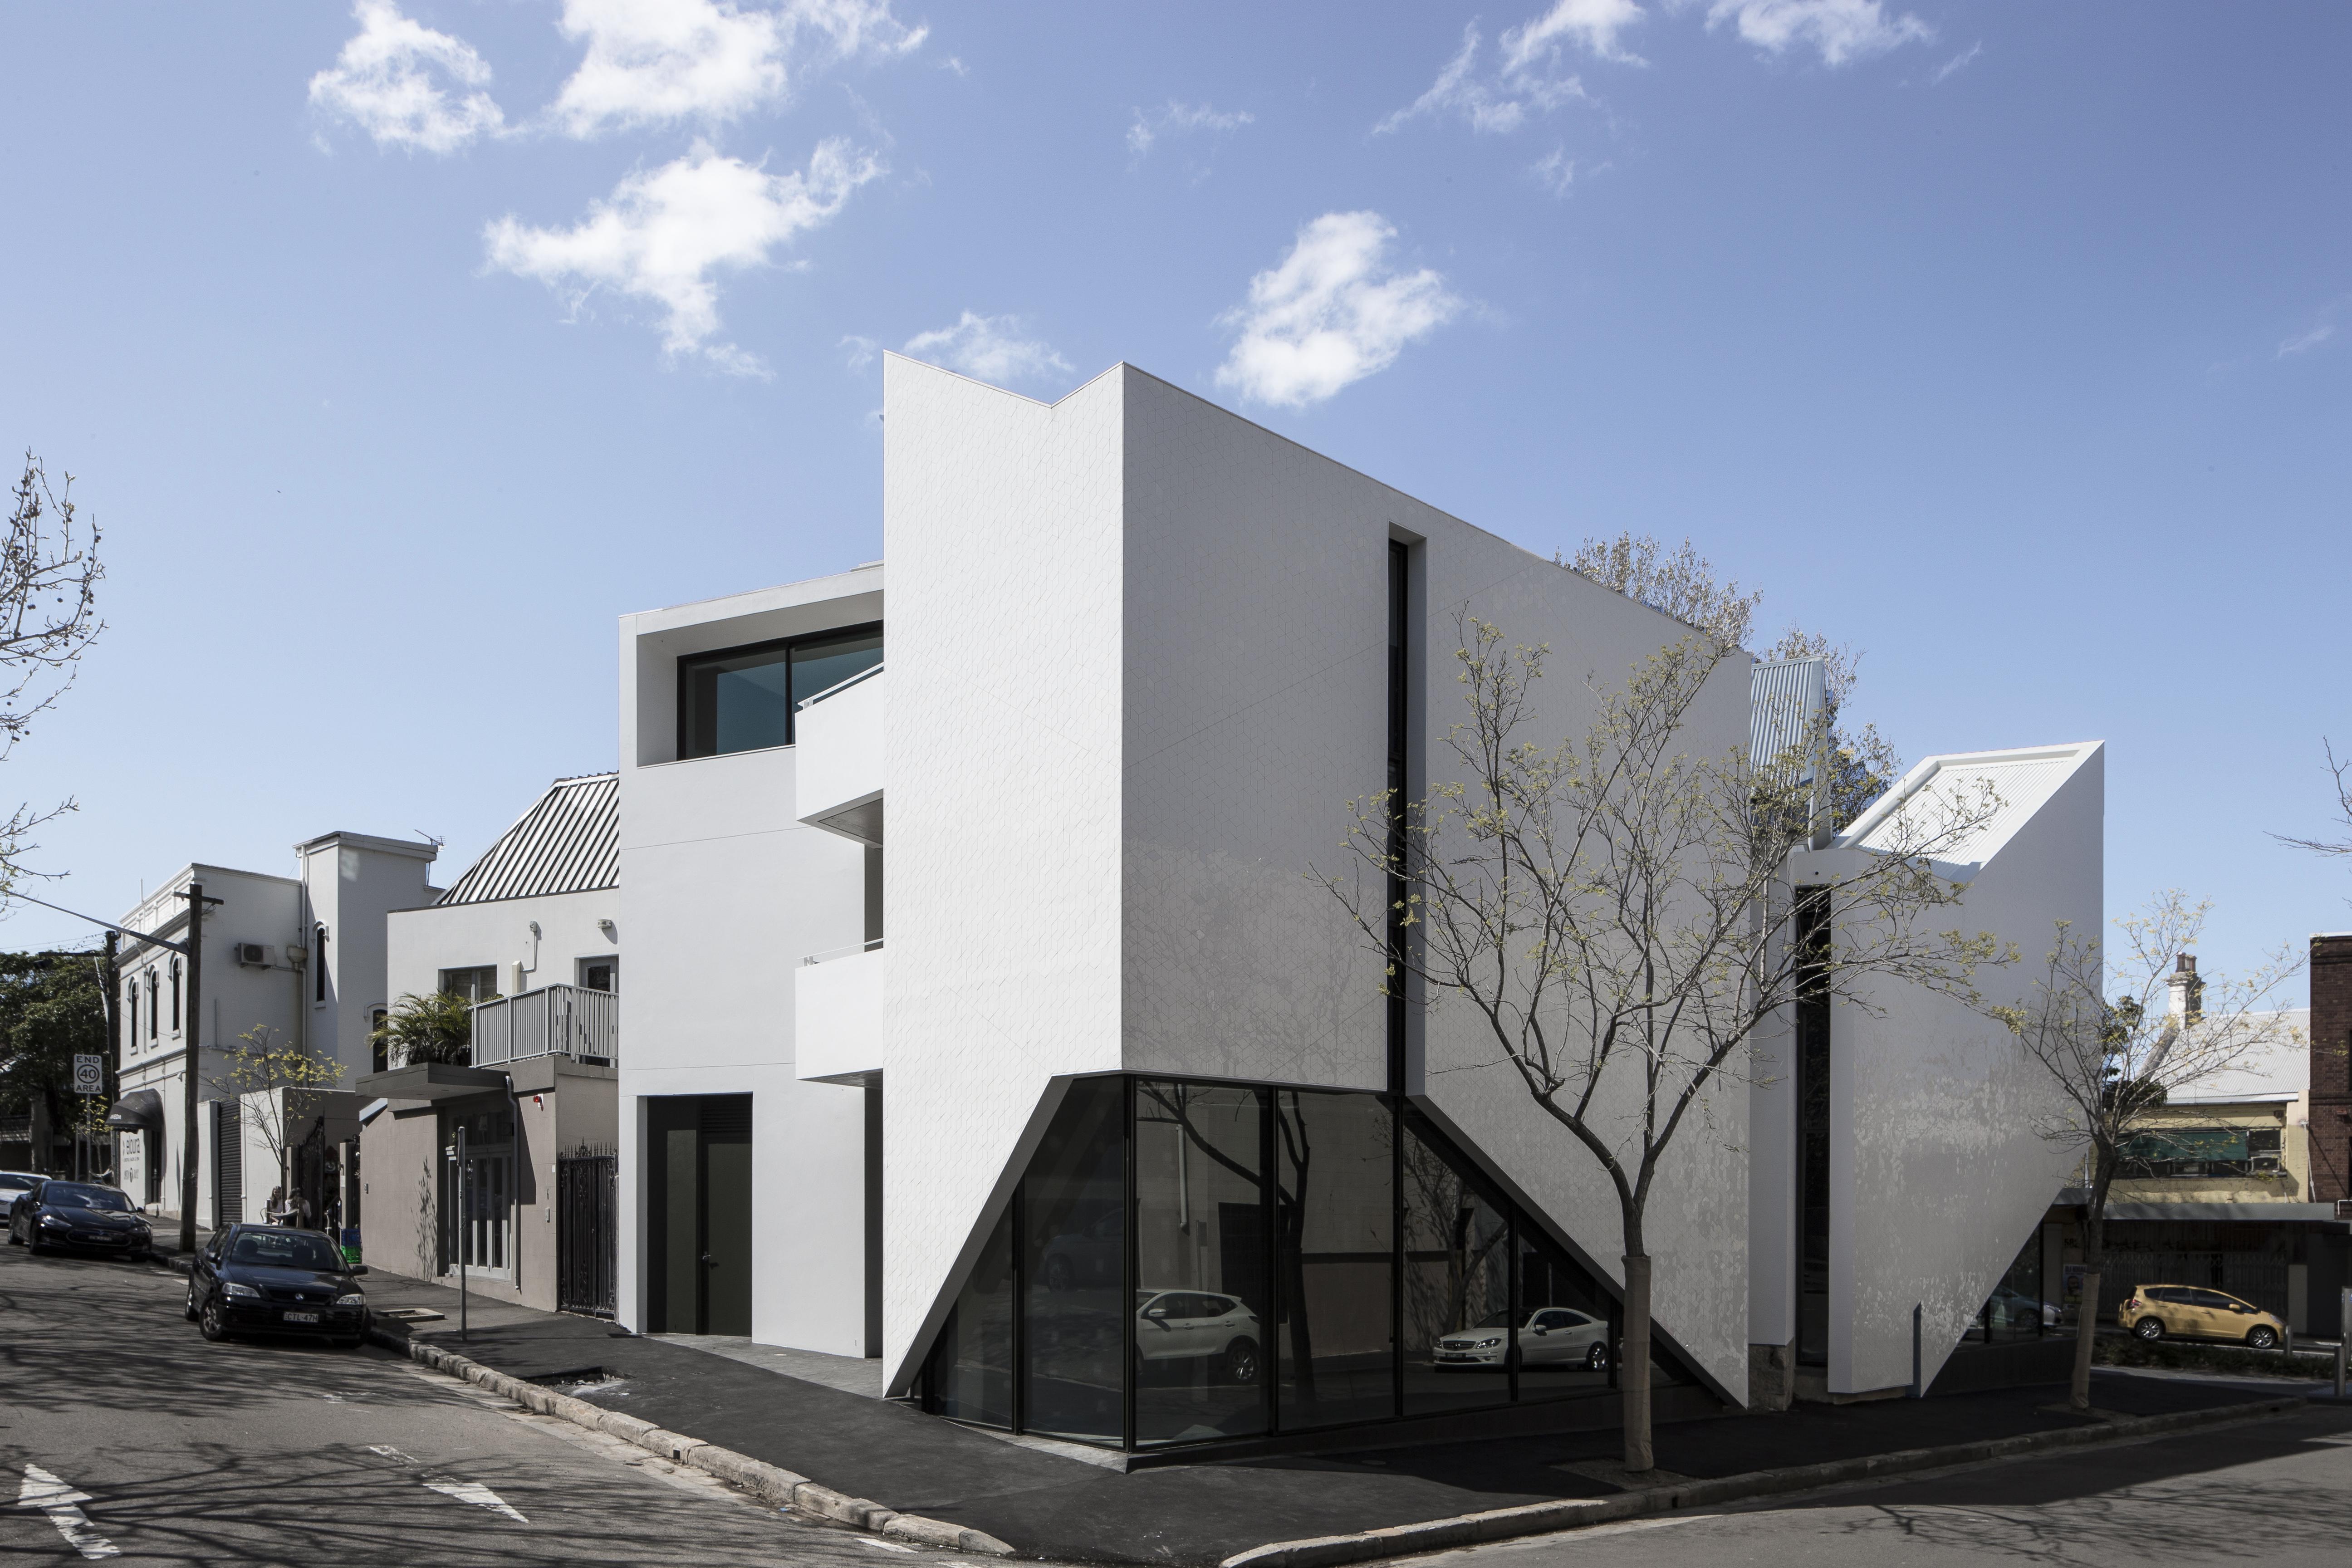 Crown 515-Smart Design Studio-The Local Project-Australian Architecture & Design-Image 5